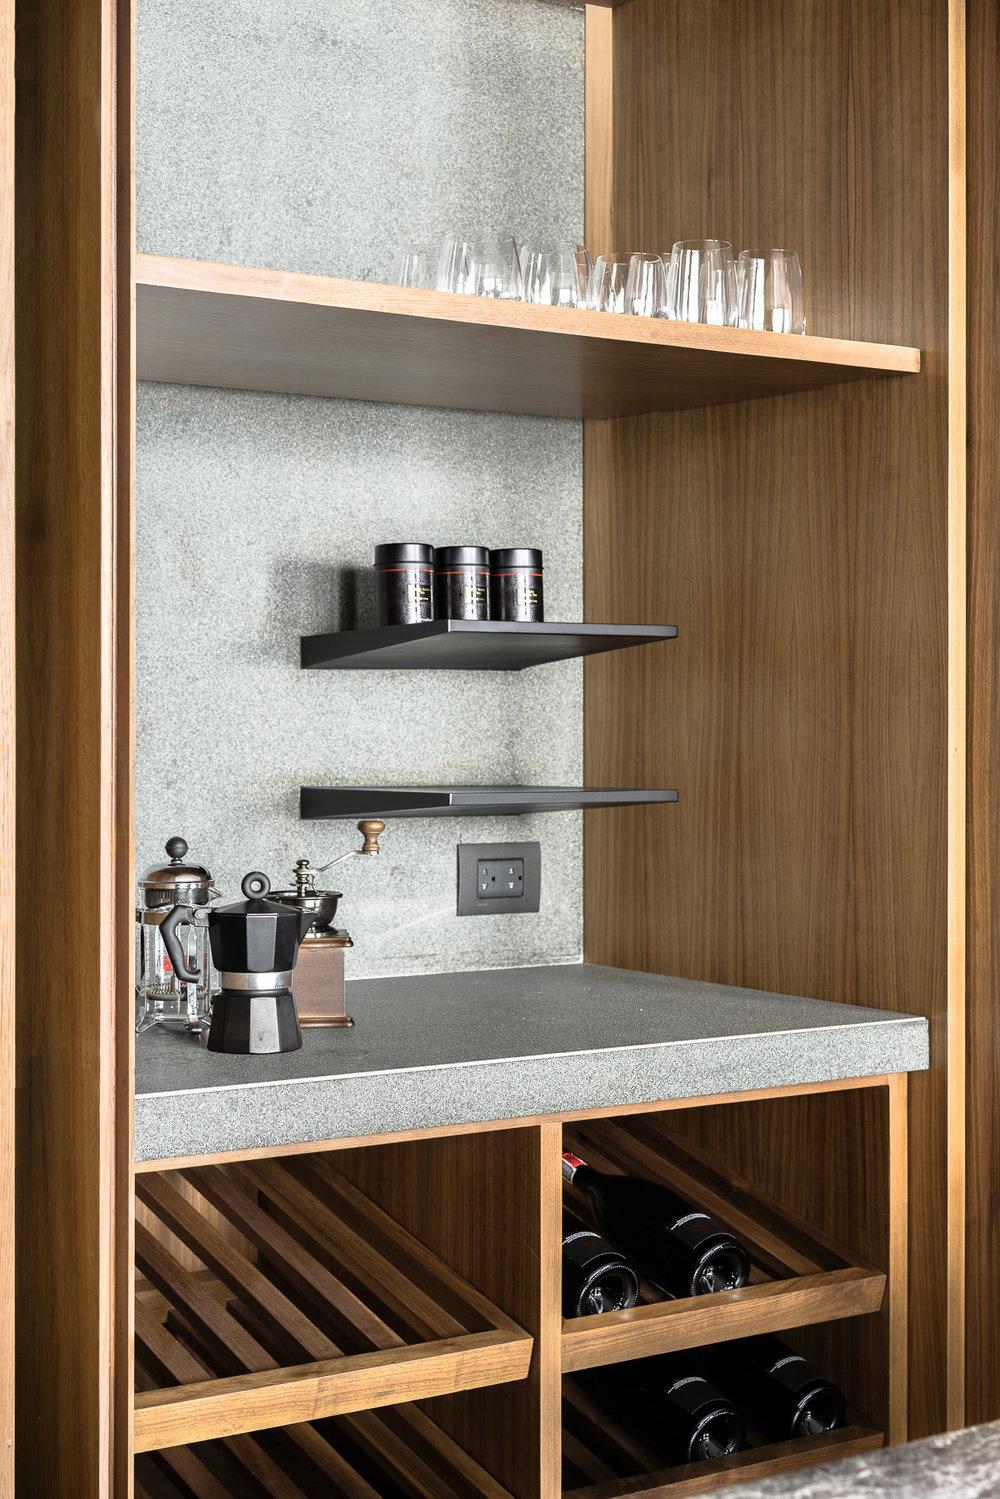 Thonglor residence_kitchen storage